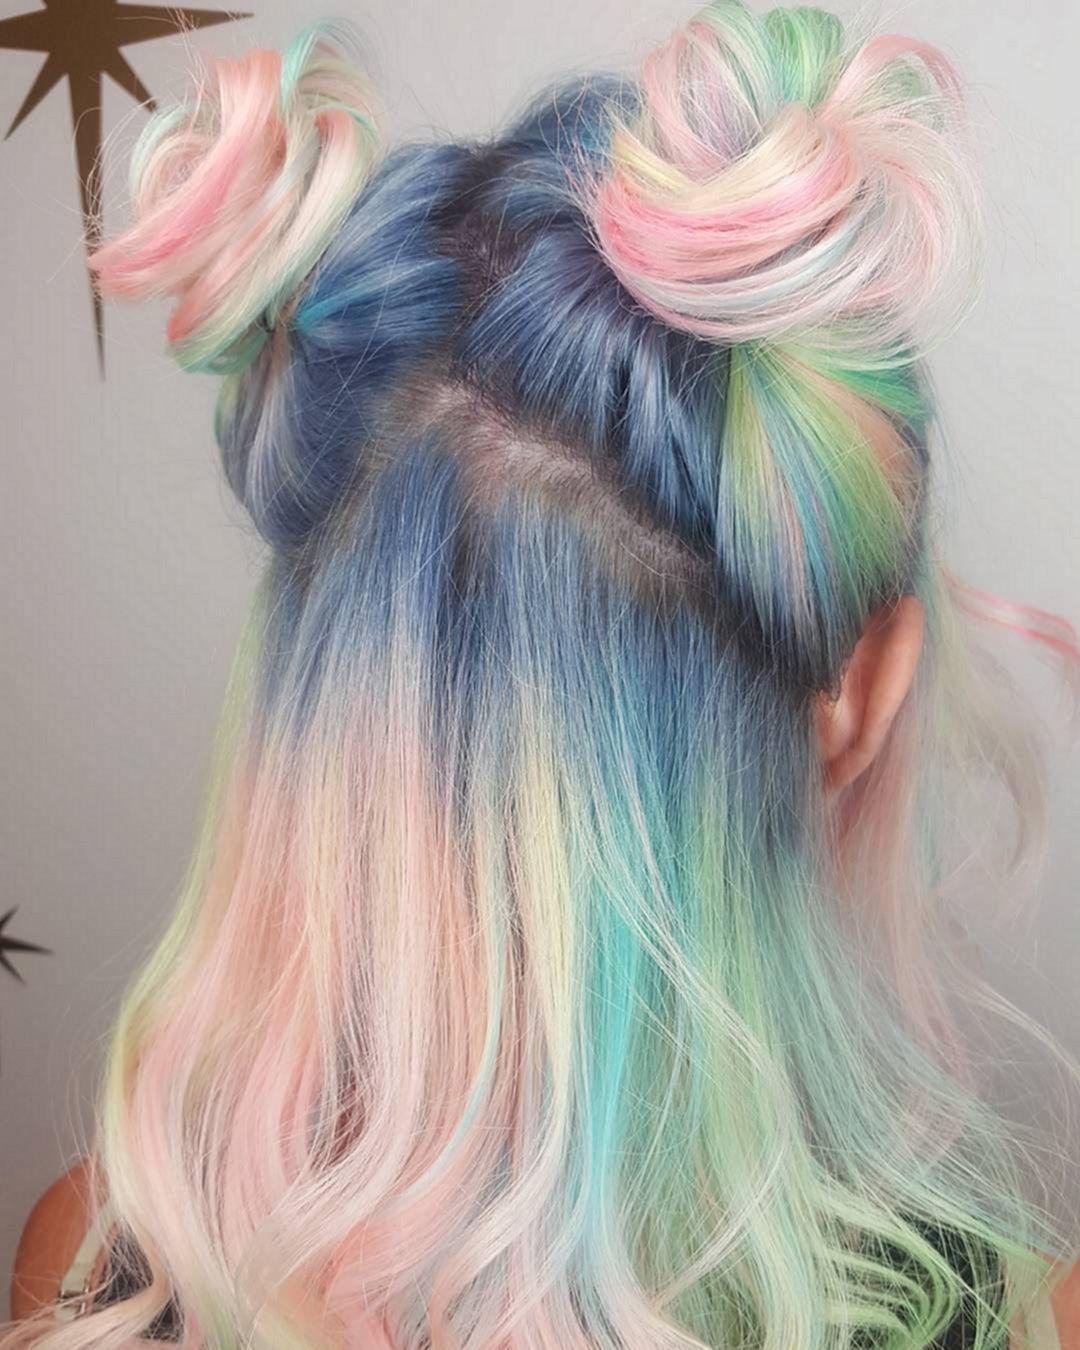 35 Unique Half And Half Hair Color Ideas For Cute Women In 2020 Mooi Haar Haar Verven Haar